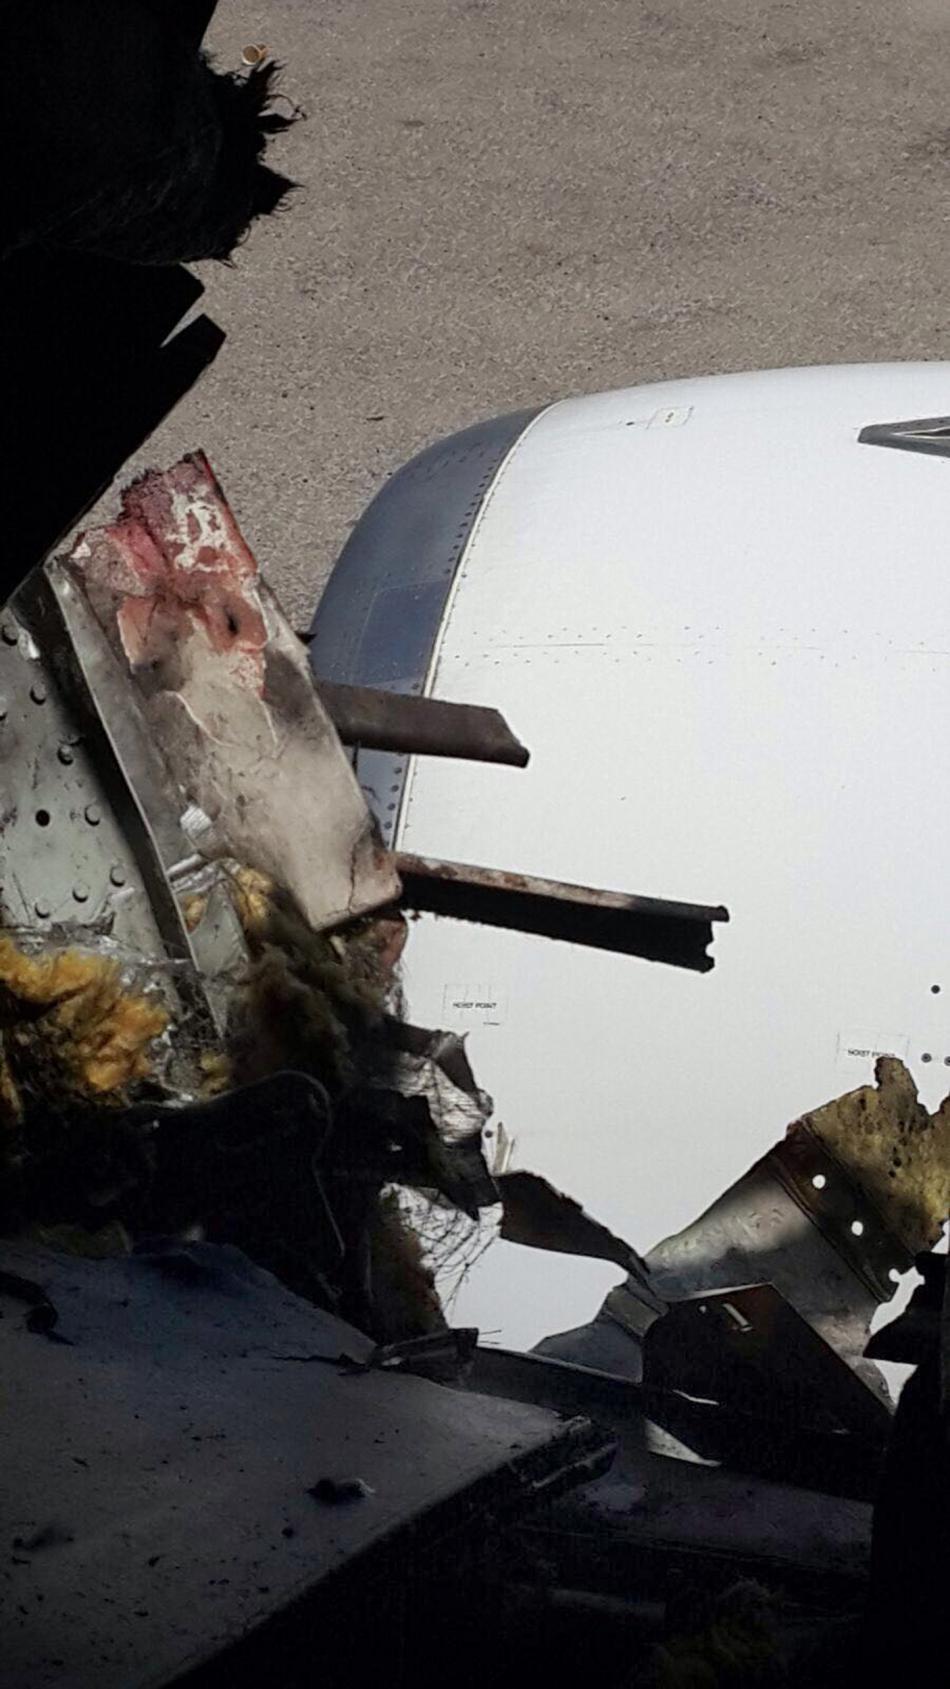 Díra v trupu letadla společnosti Daallo